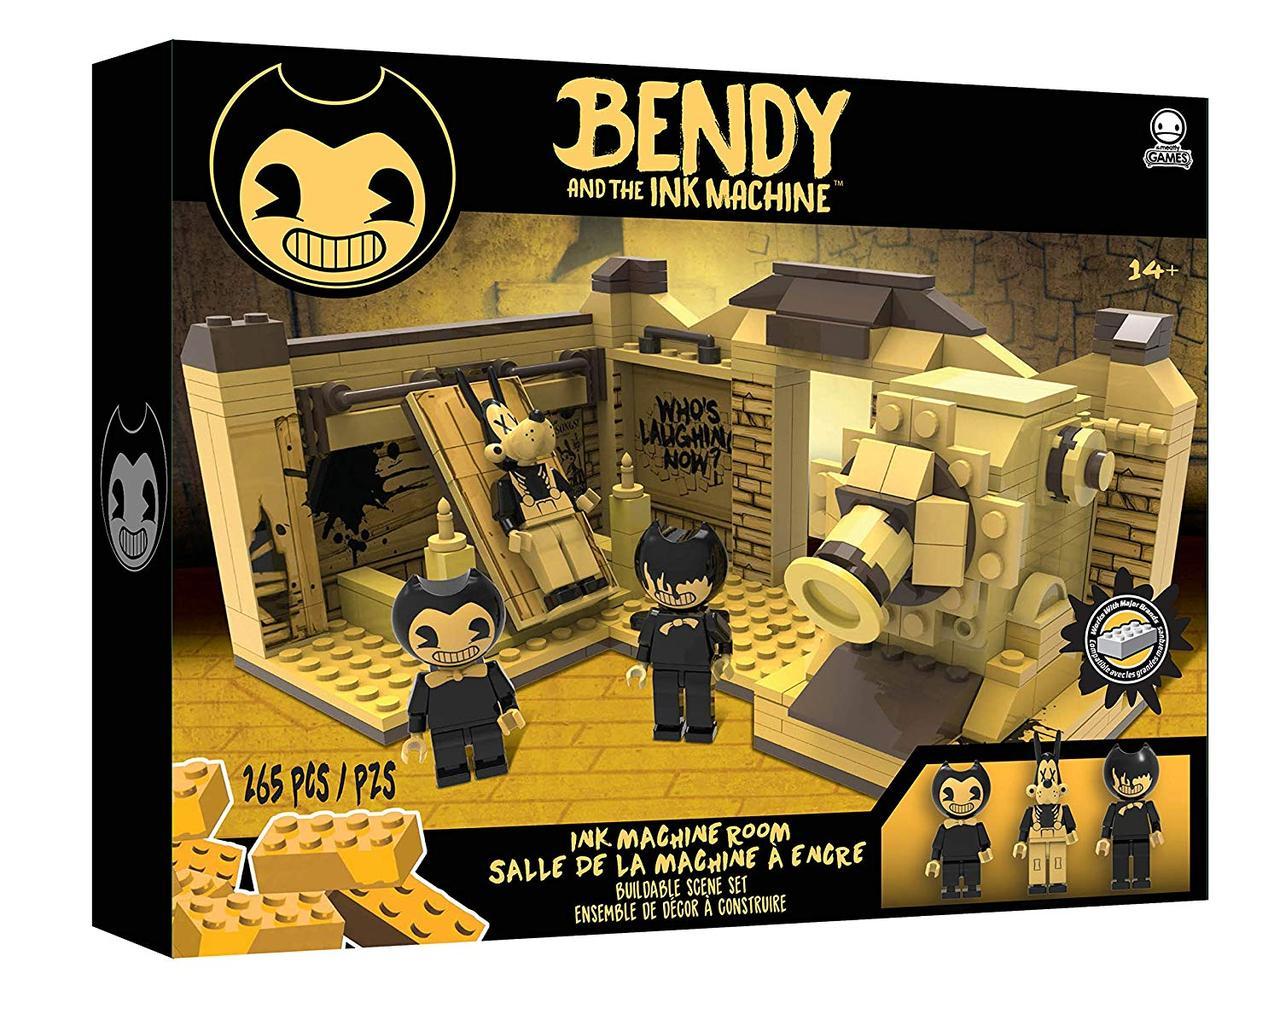 Конструктор Бенди и чернильная машина Bendy and the Ink Machine - Room Scene